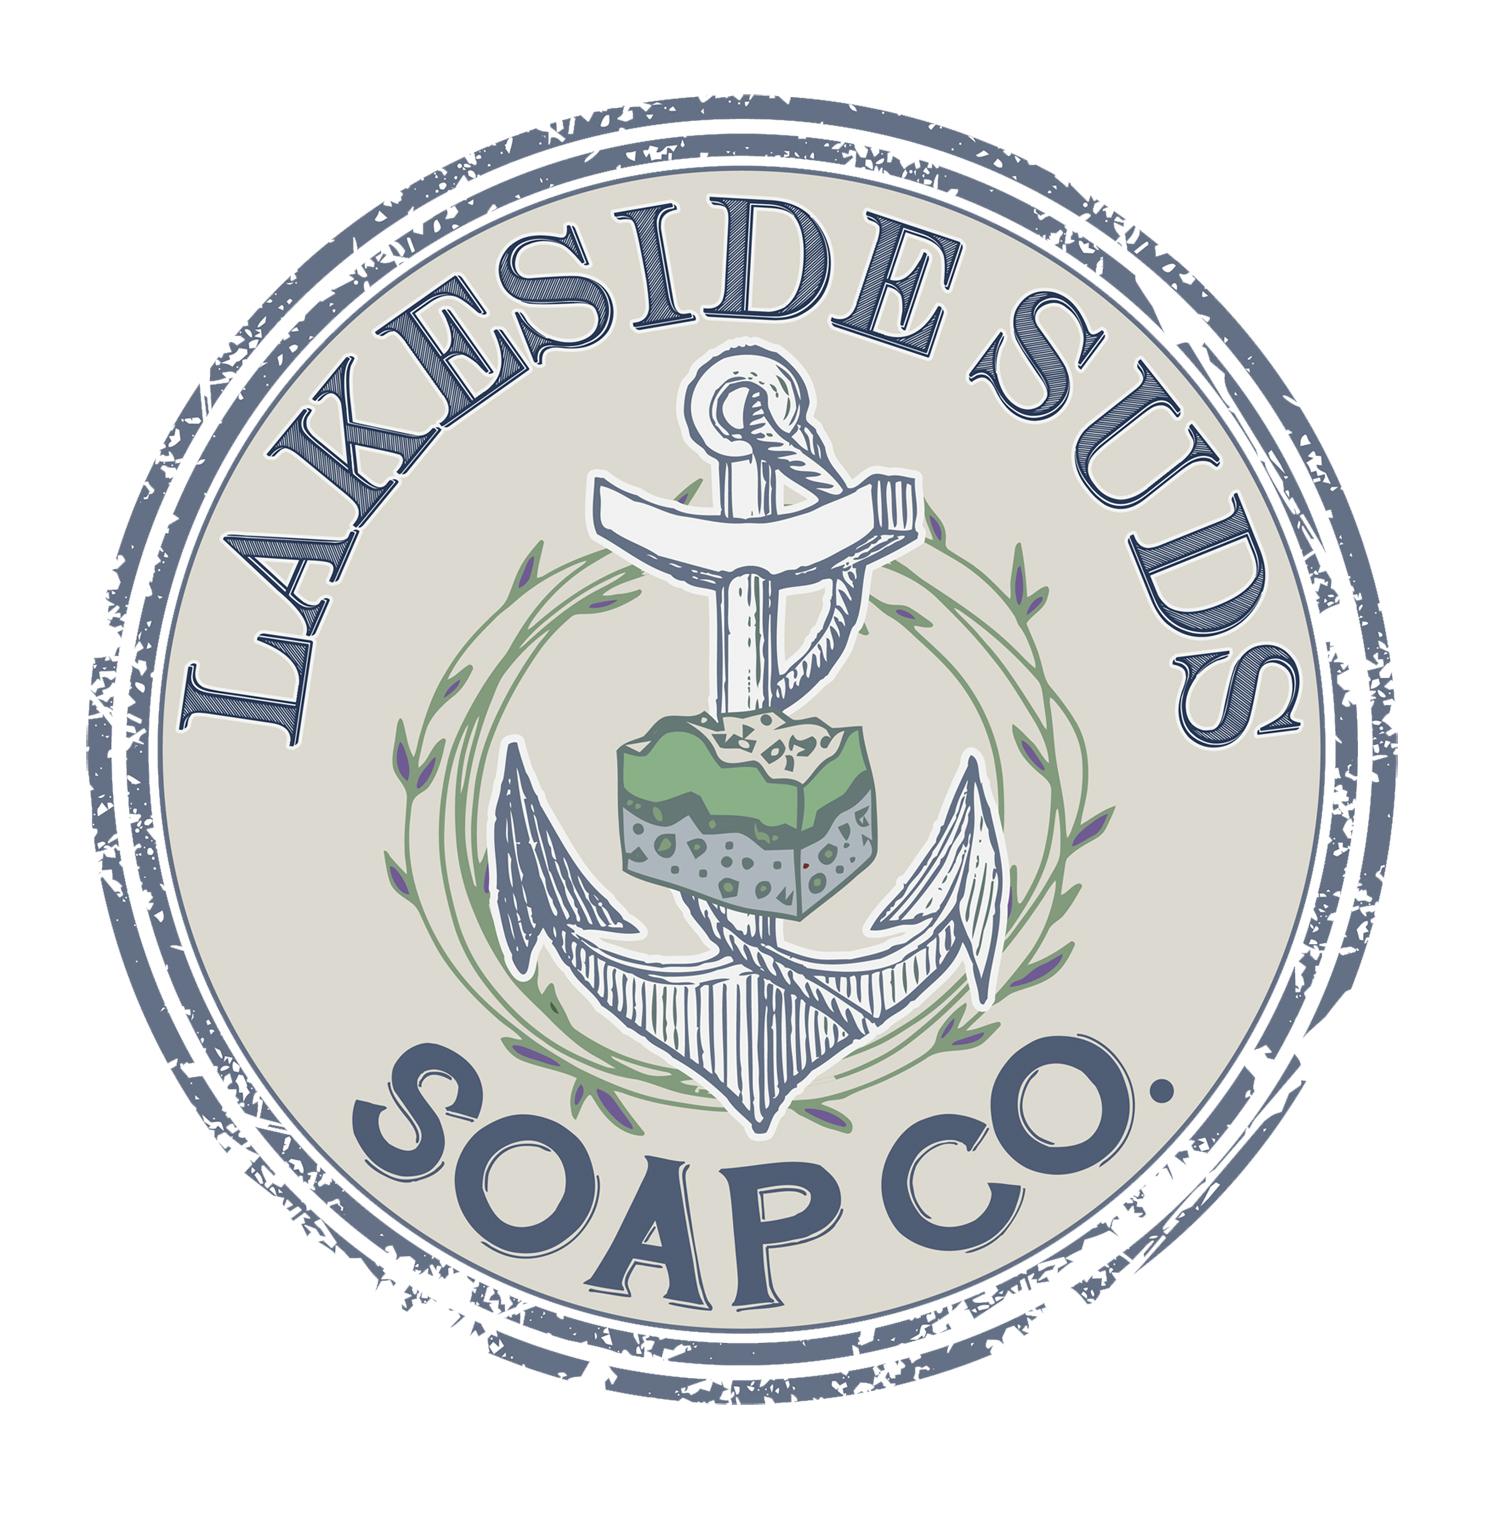 Lakeside Suds logo.jpg